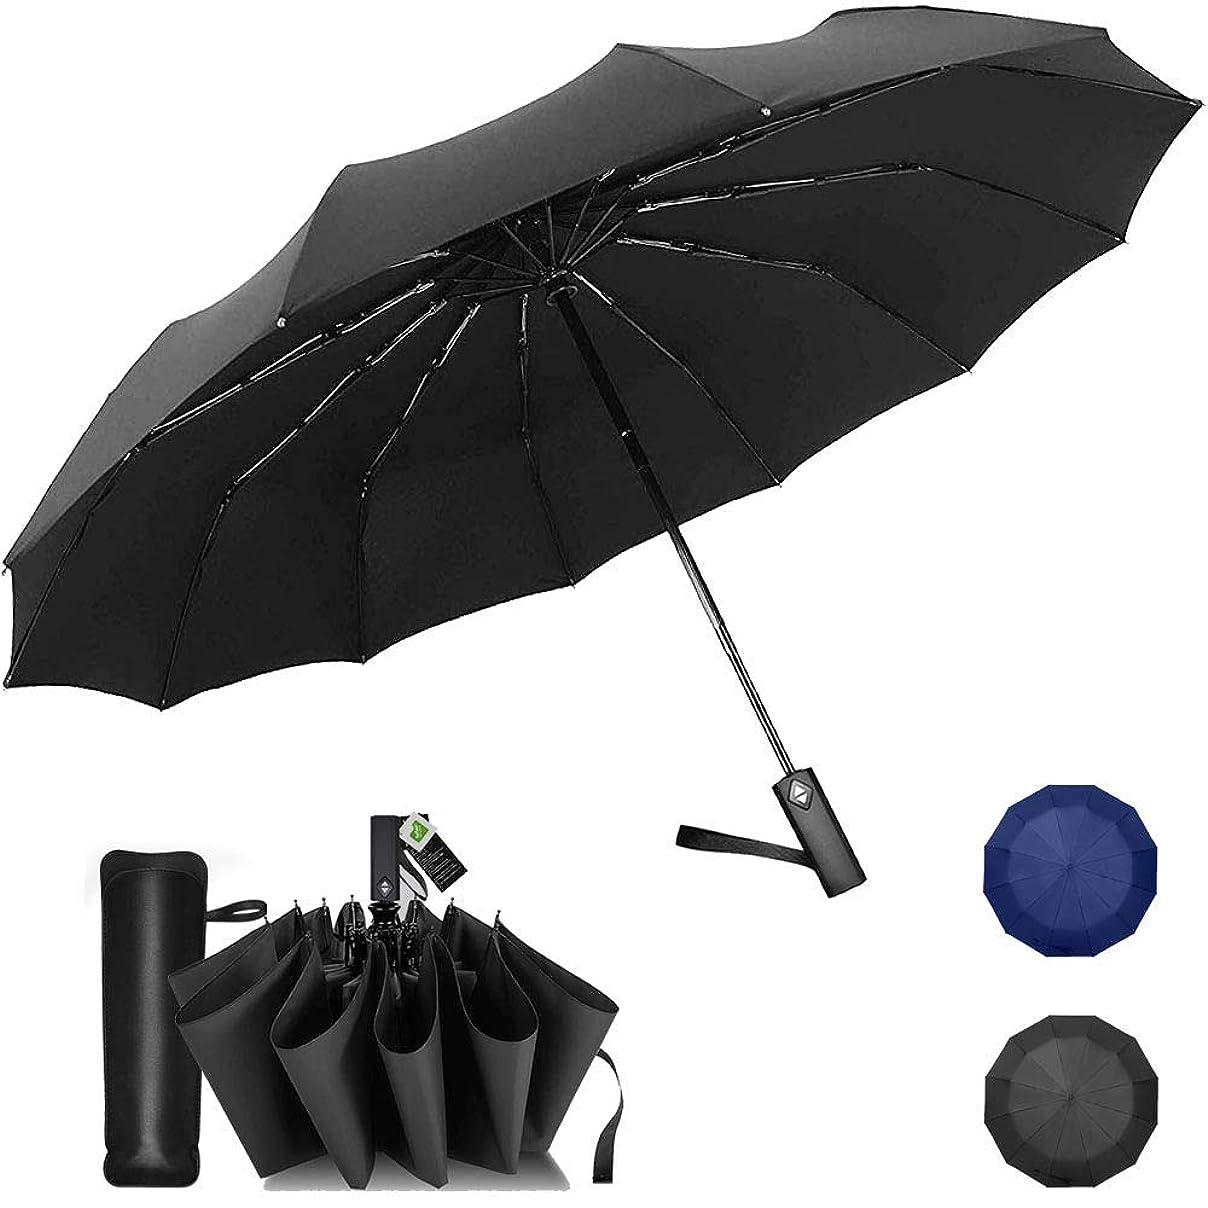 ポーチデッドロック糞折りたたみ傘 頑丈な12本骨 自動開閉 おりたたみ傘 メンズ 大きい 風に強い 高強度 折れにくい 超撥水 晴雨兼用 折り畳み傘 四角形ハンドル 収納ポーチ付き (ブラック)